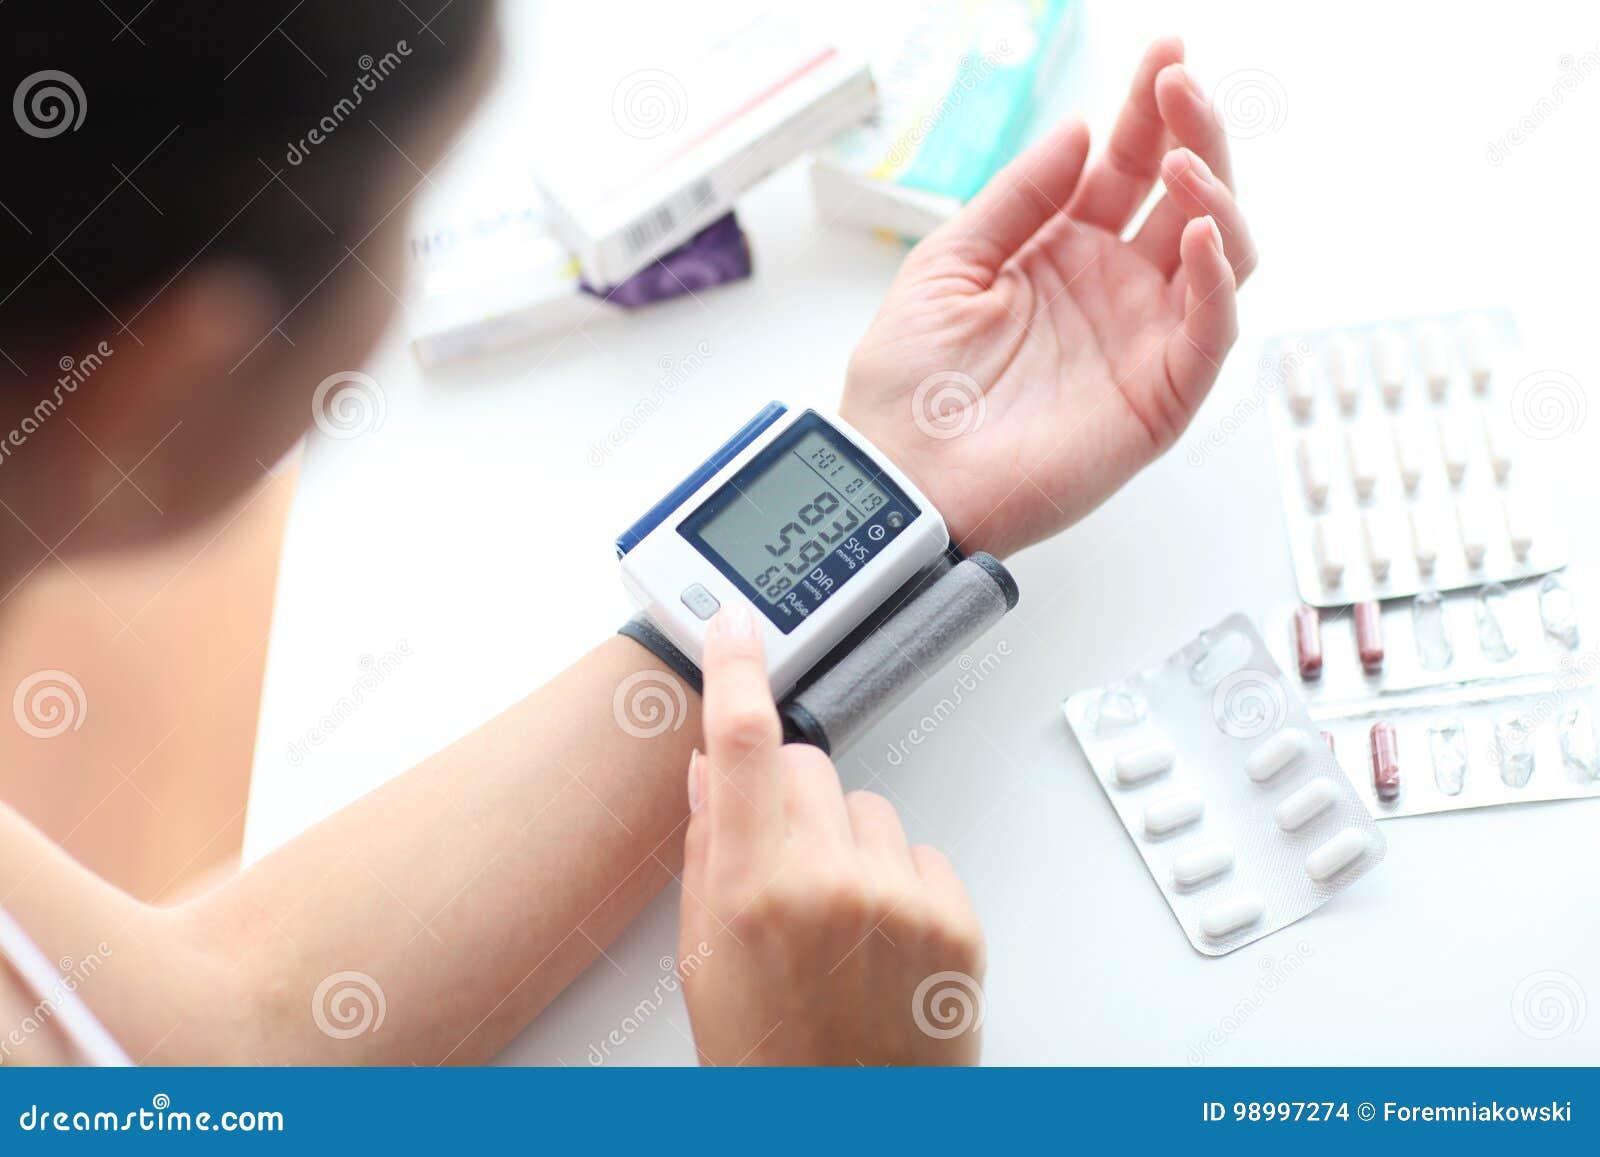 ¿Qué es la presión arterial baja en telugu?